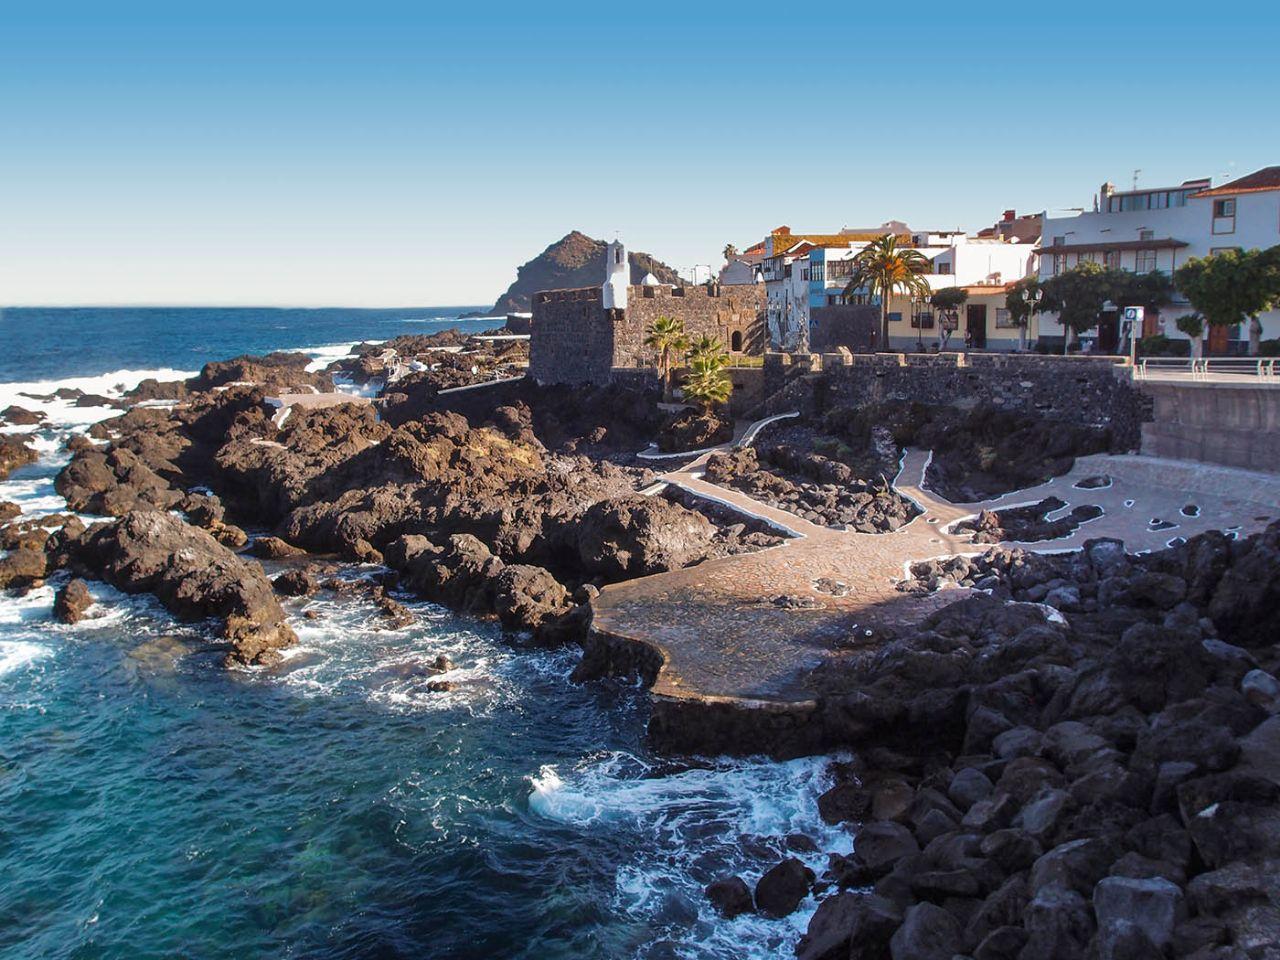 Участь Гарачи́ко Гарачико, остров Тенерифе, Испания